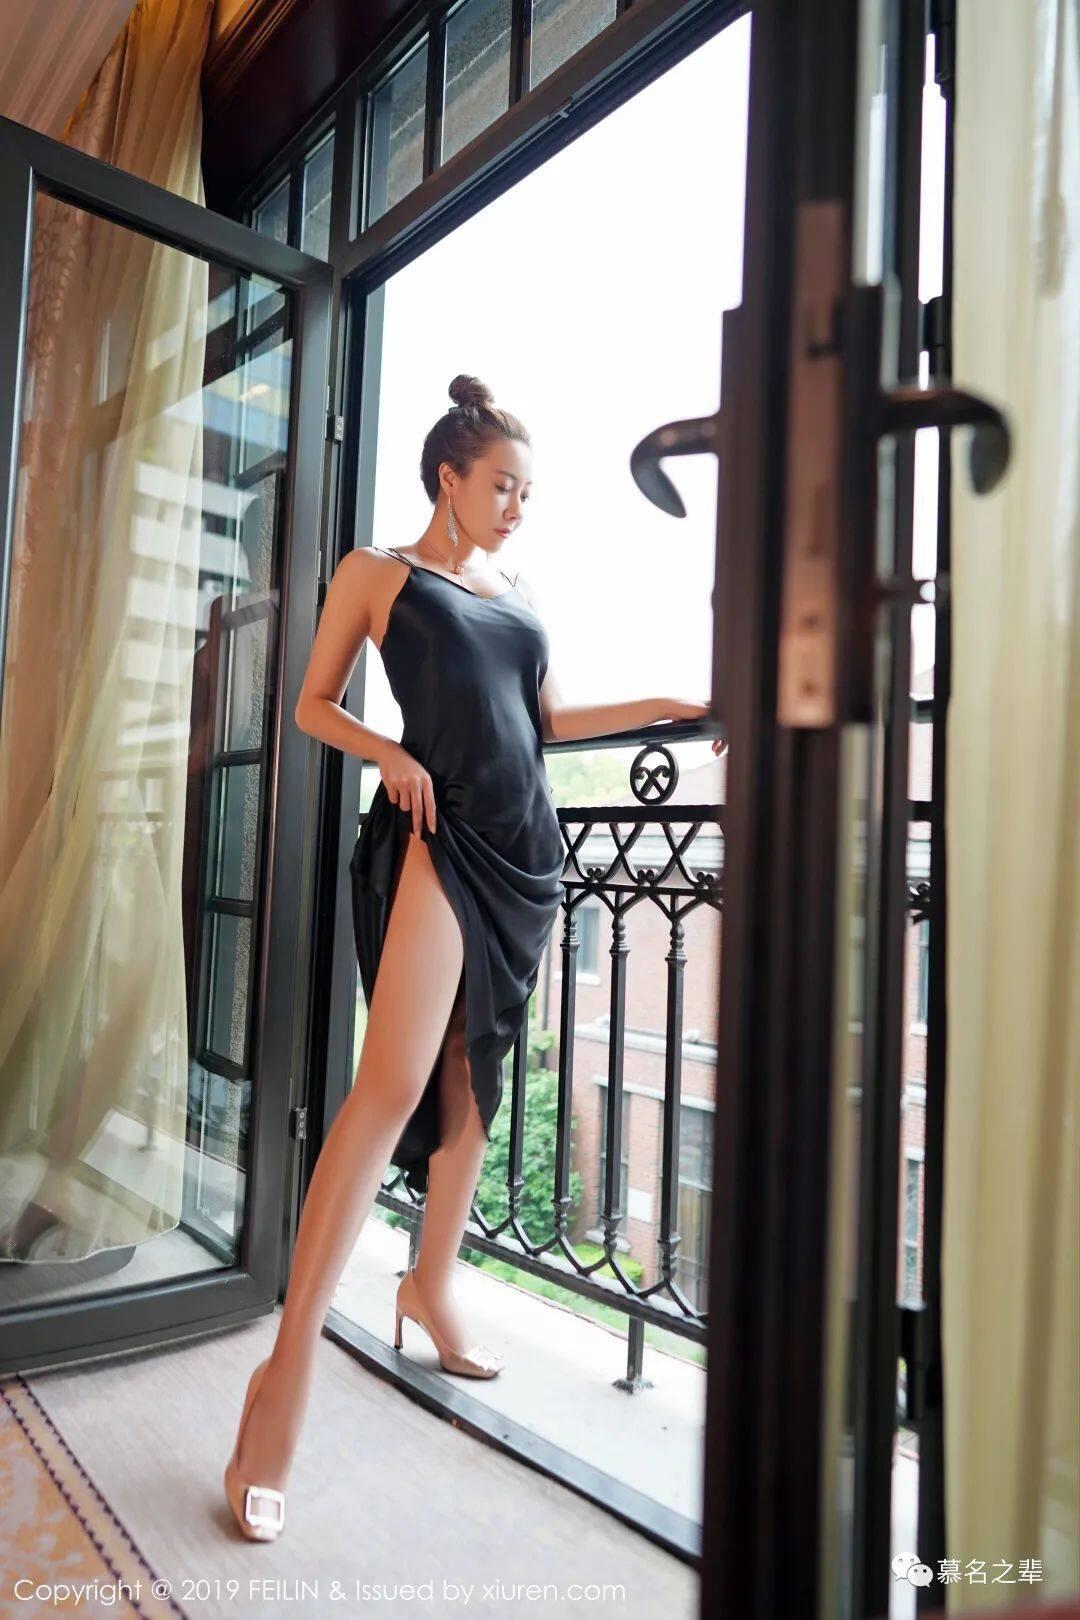 私房模特写真——松果儿Victoria(F罩杯)4